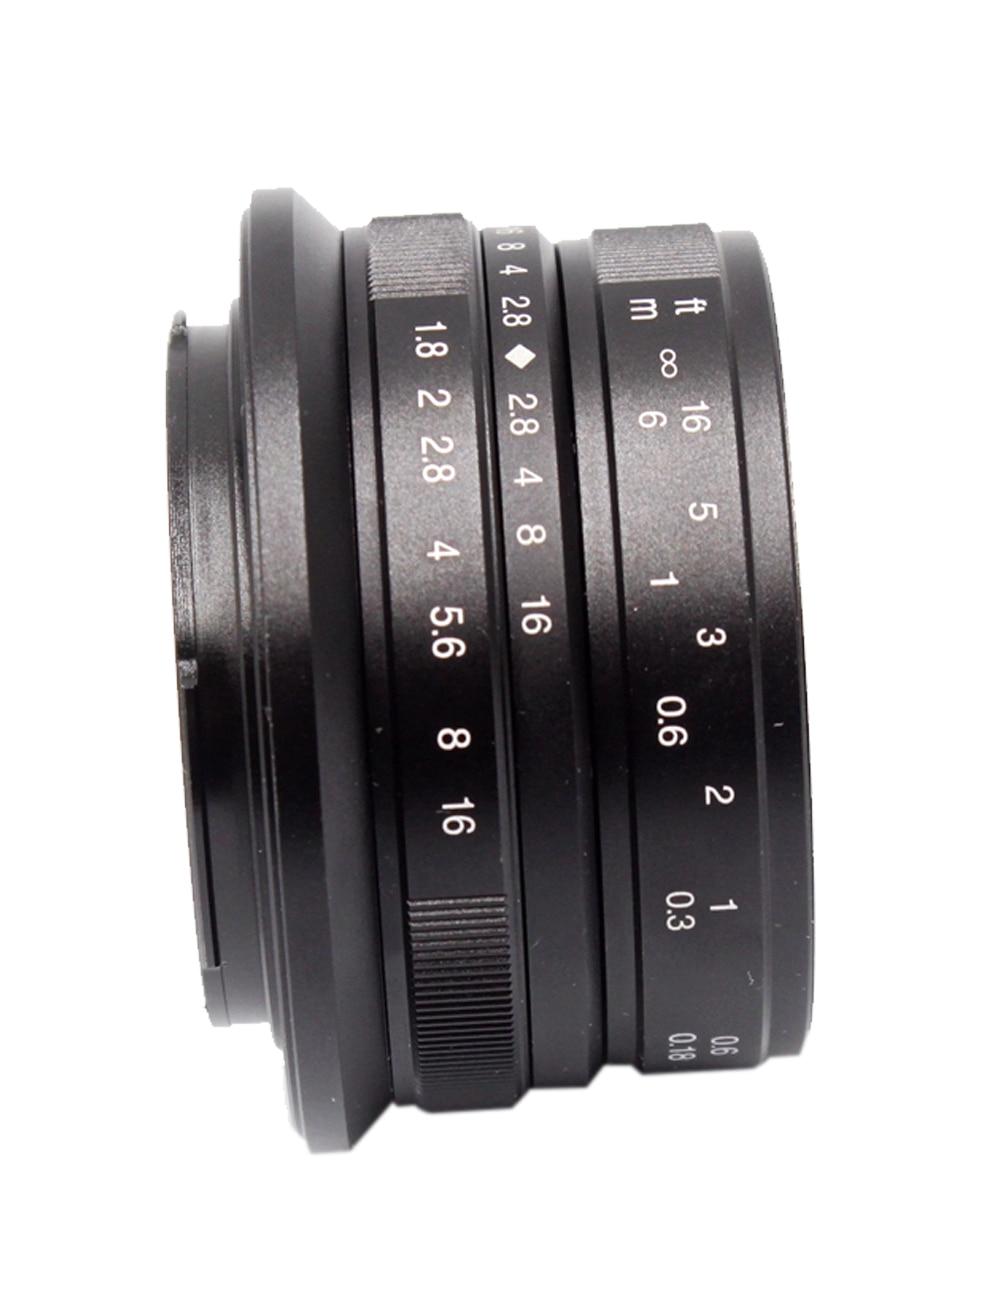 Micro lentile Primul obiectiv Inseesi 25mm f1.8 pentru E Mount / - Camera și fotografia - Fotografie 4